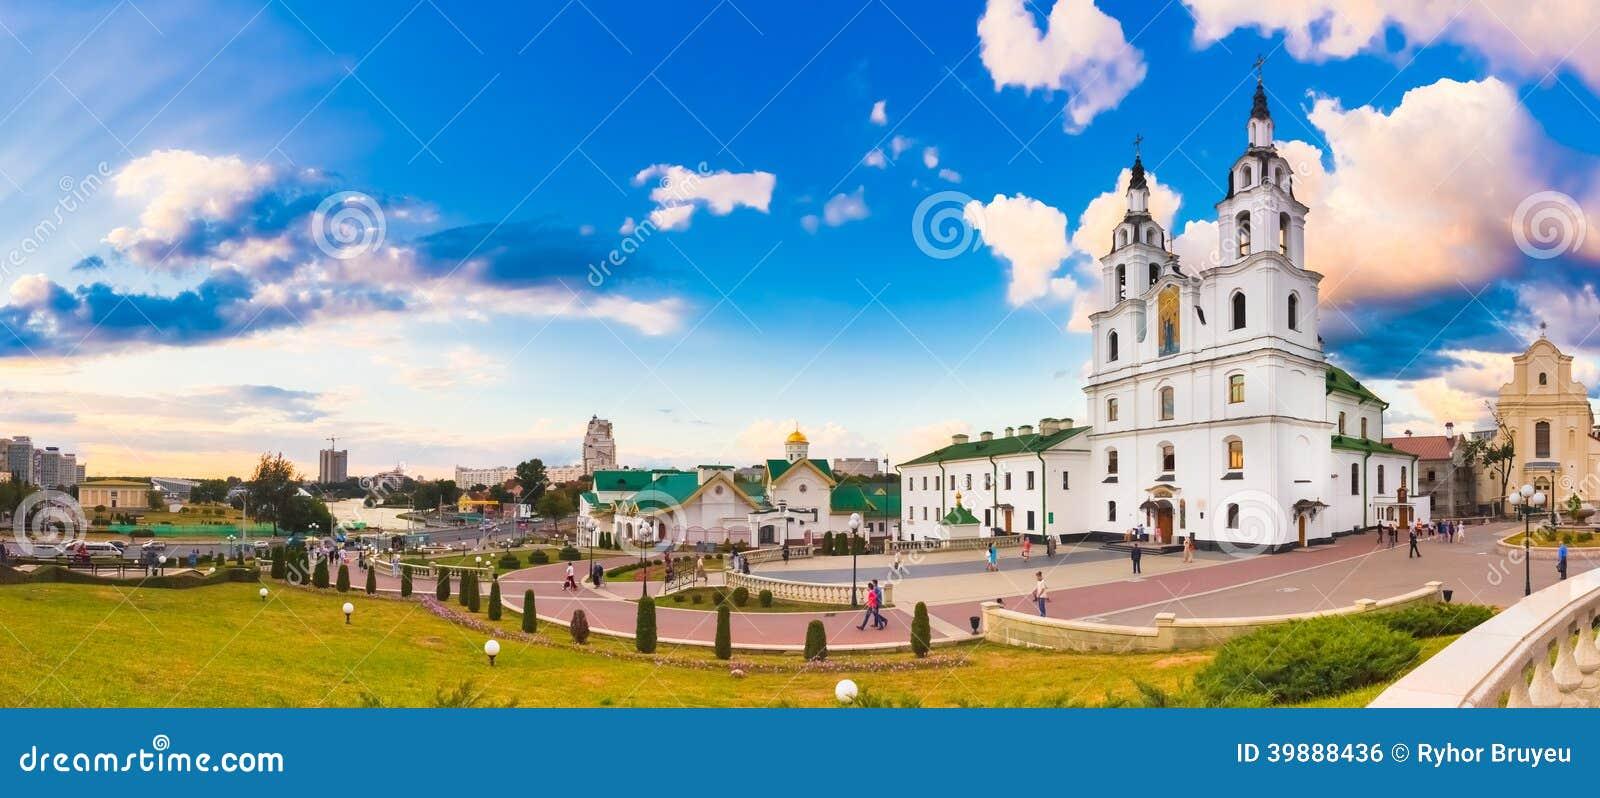 La catedral del Espíritu Santo en Minsk, Bielorrusia